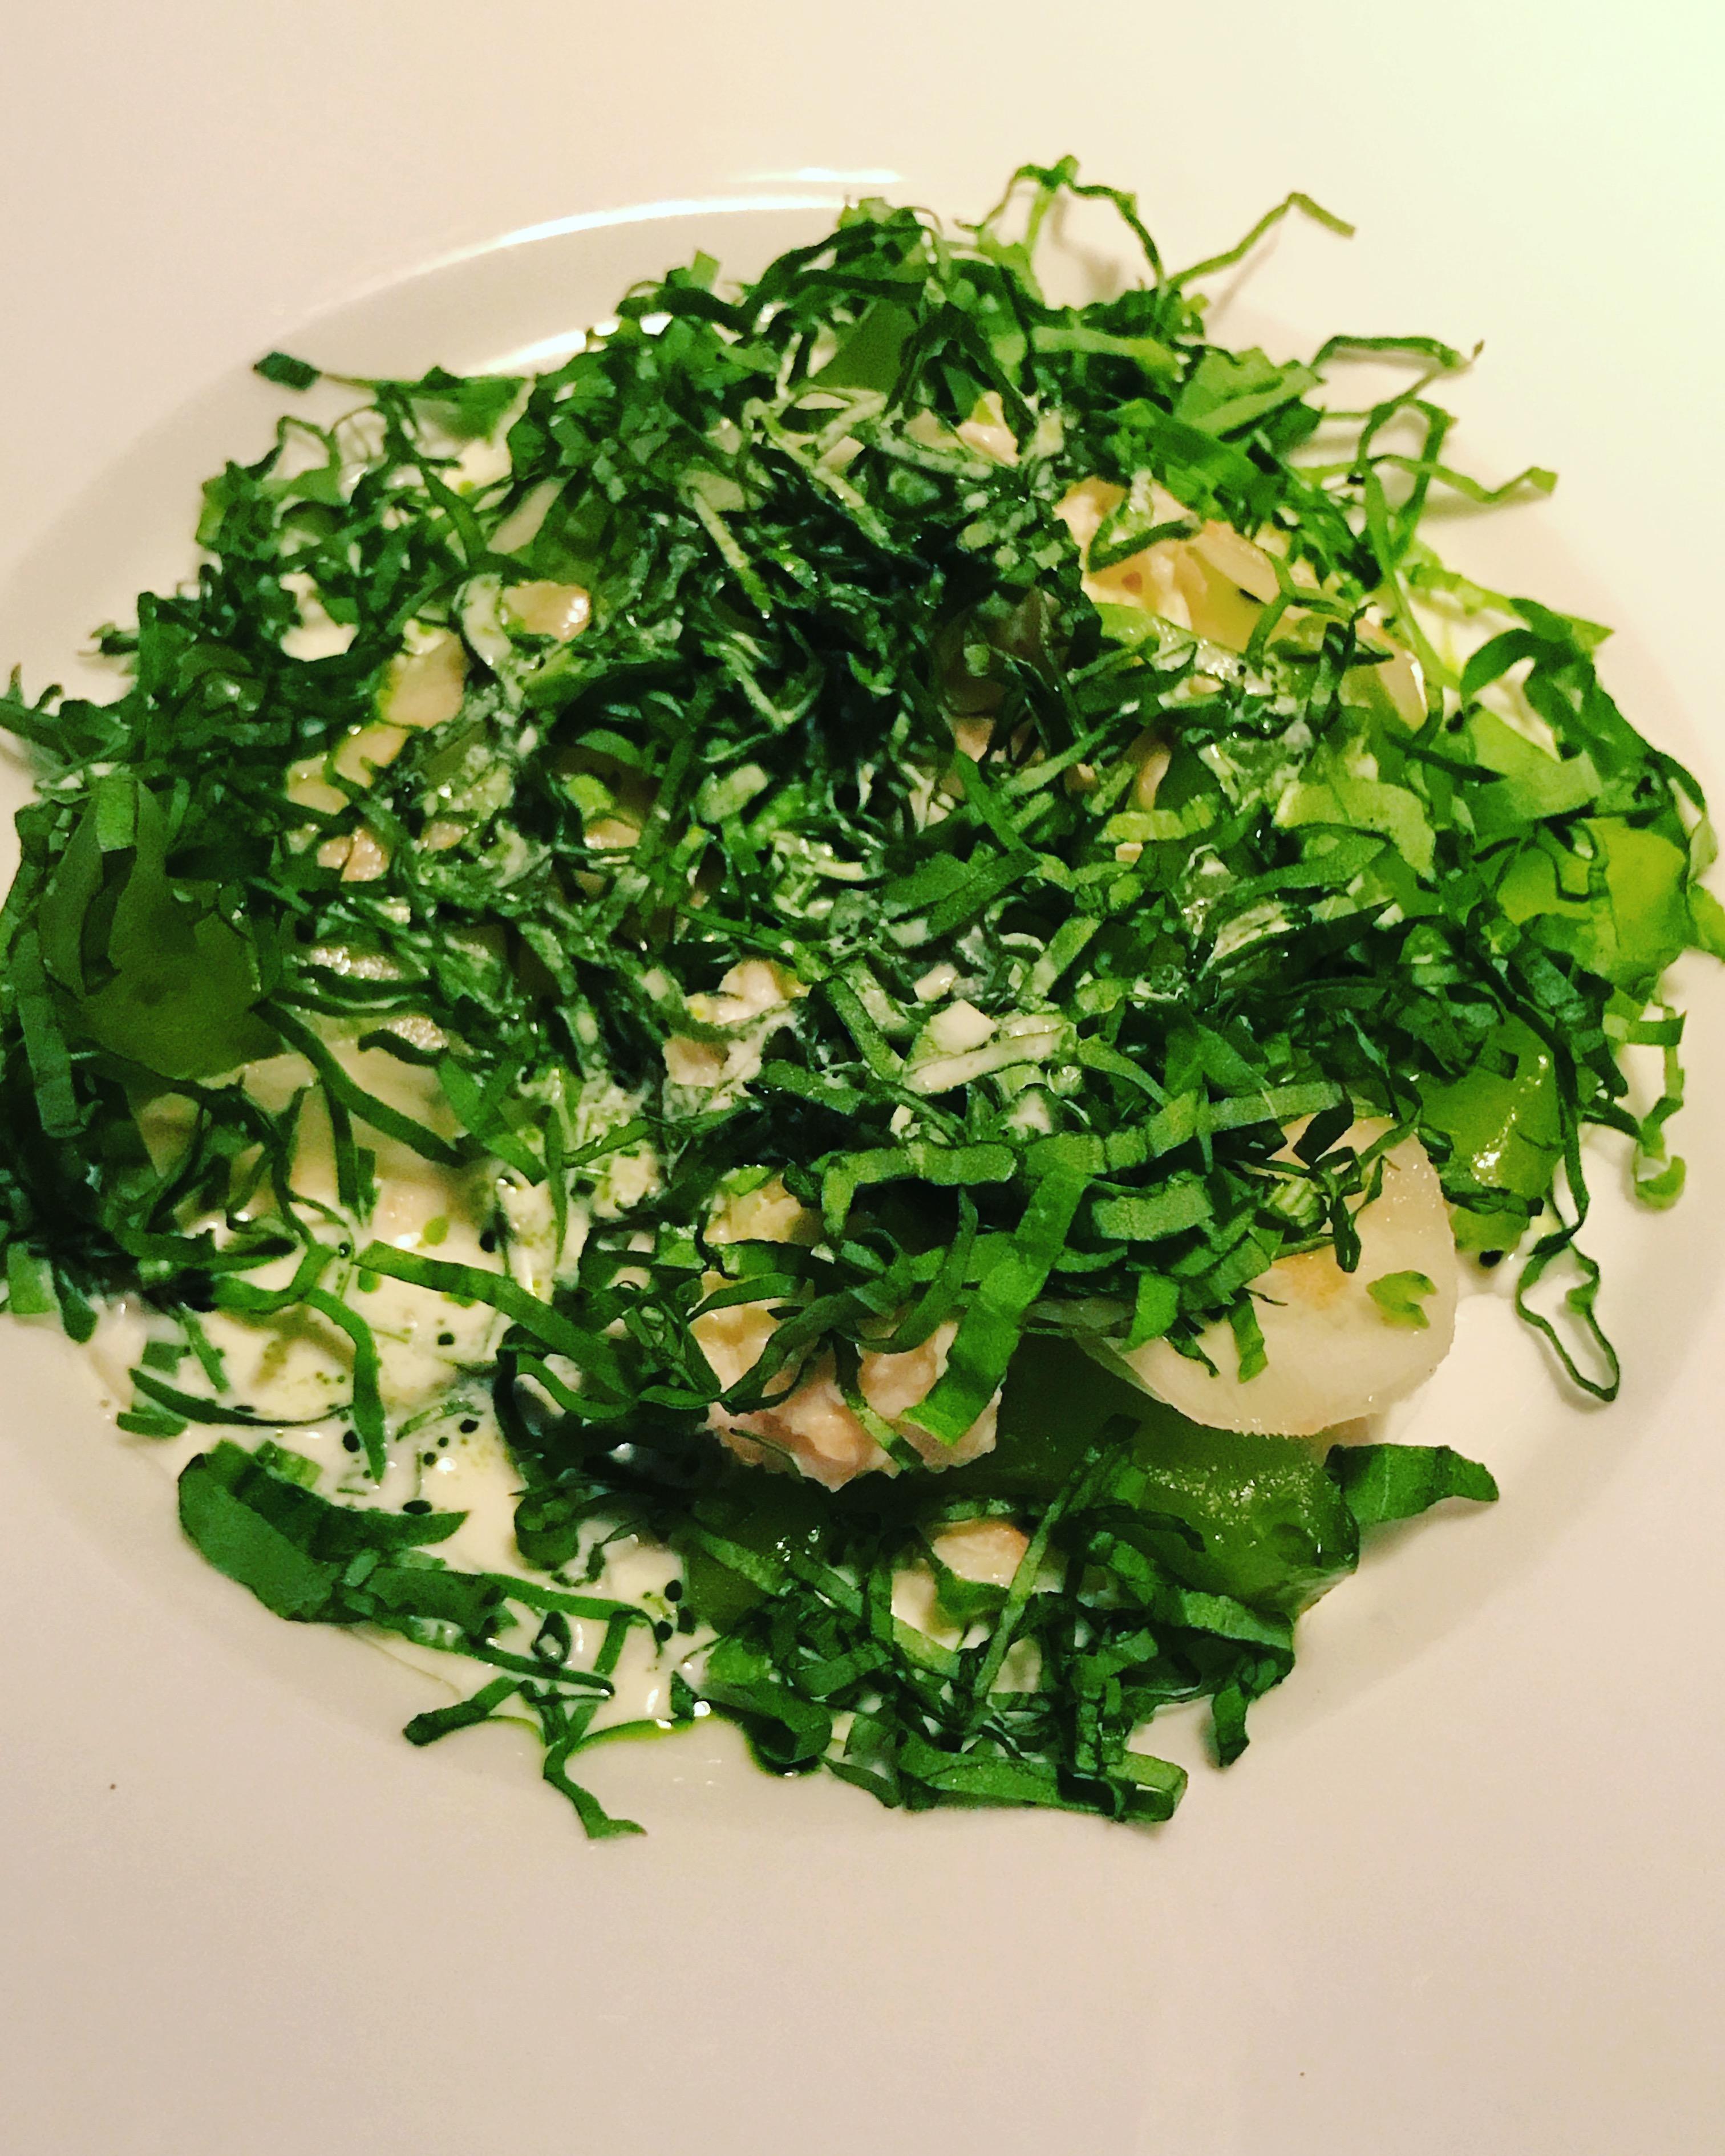 Brązowy krab z kwaśną śmietaną, selerem, kalarepą i ziołami